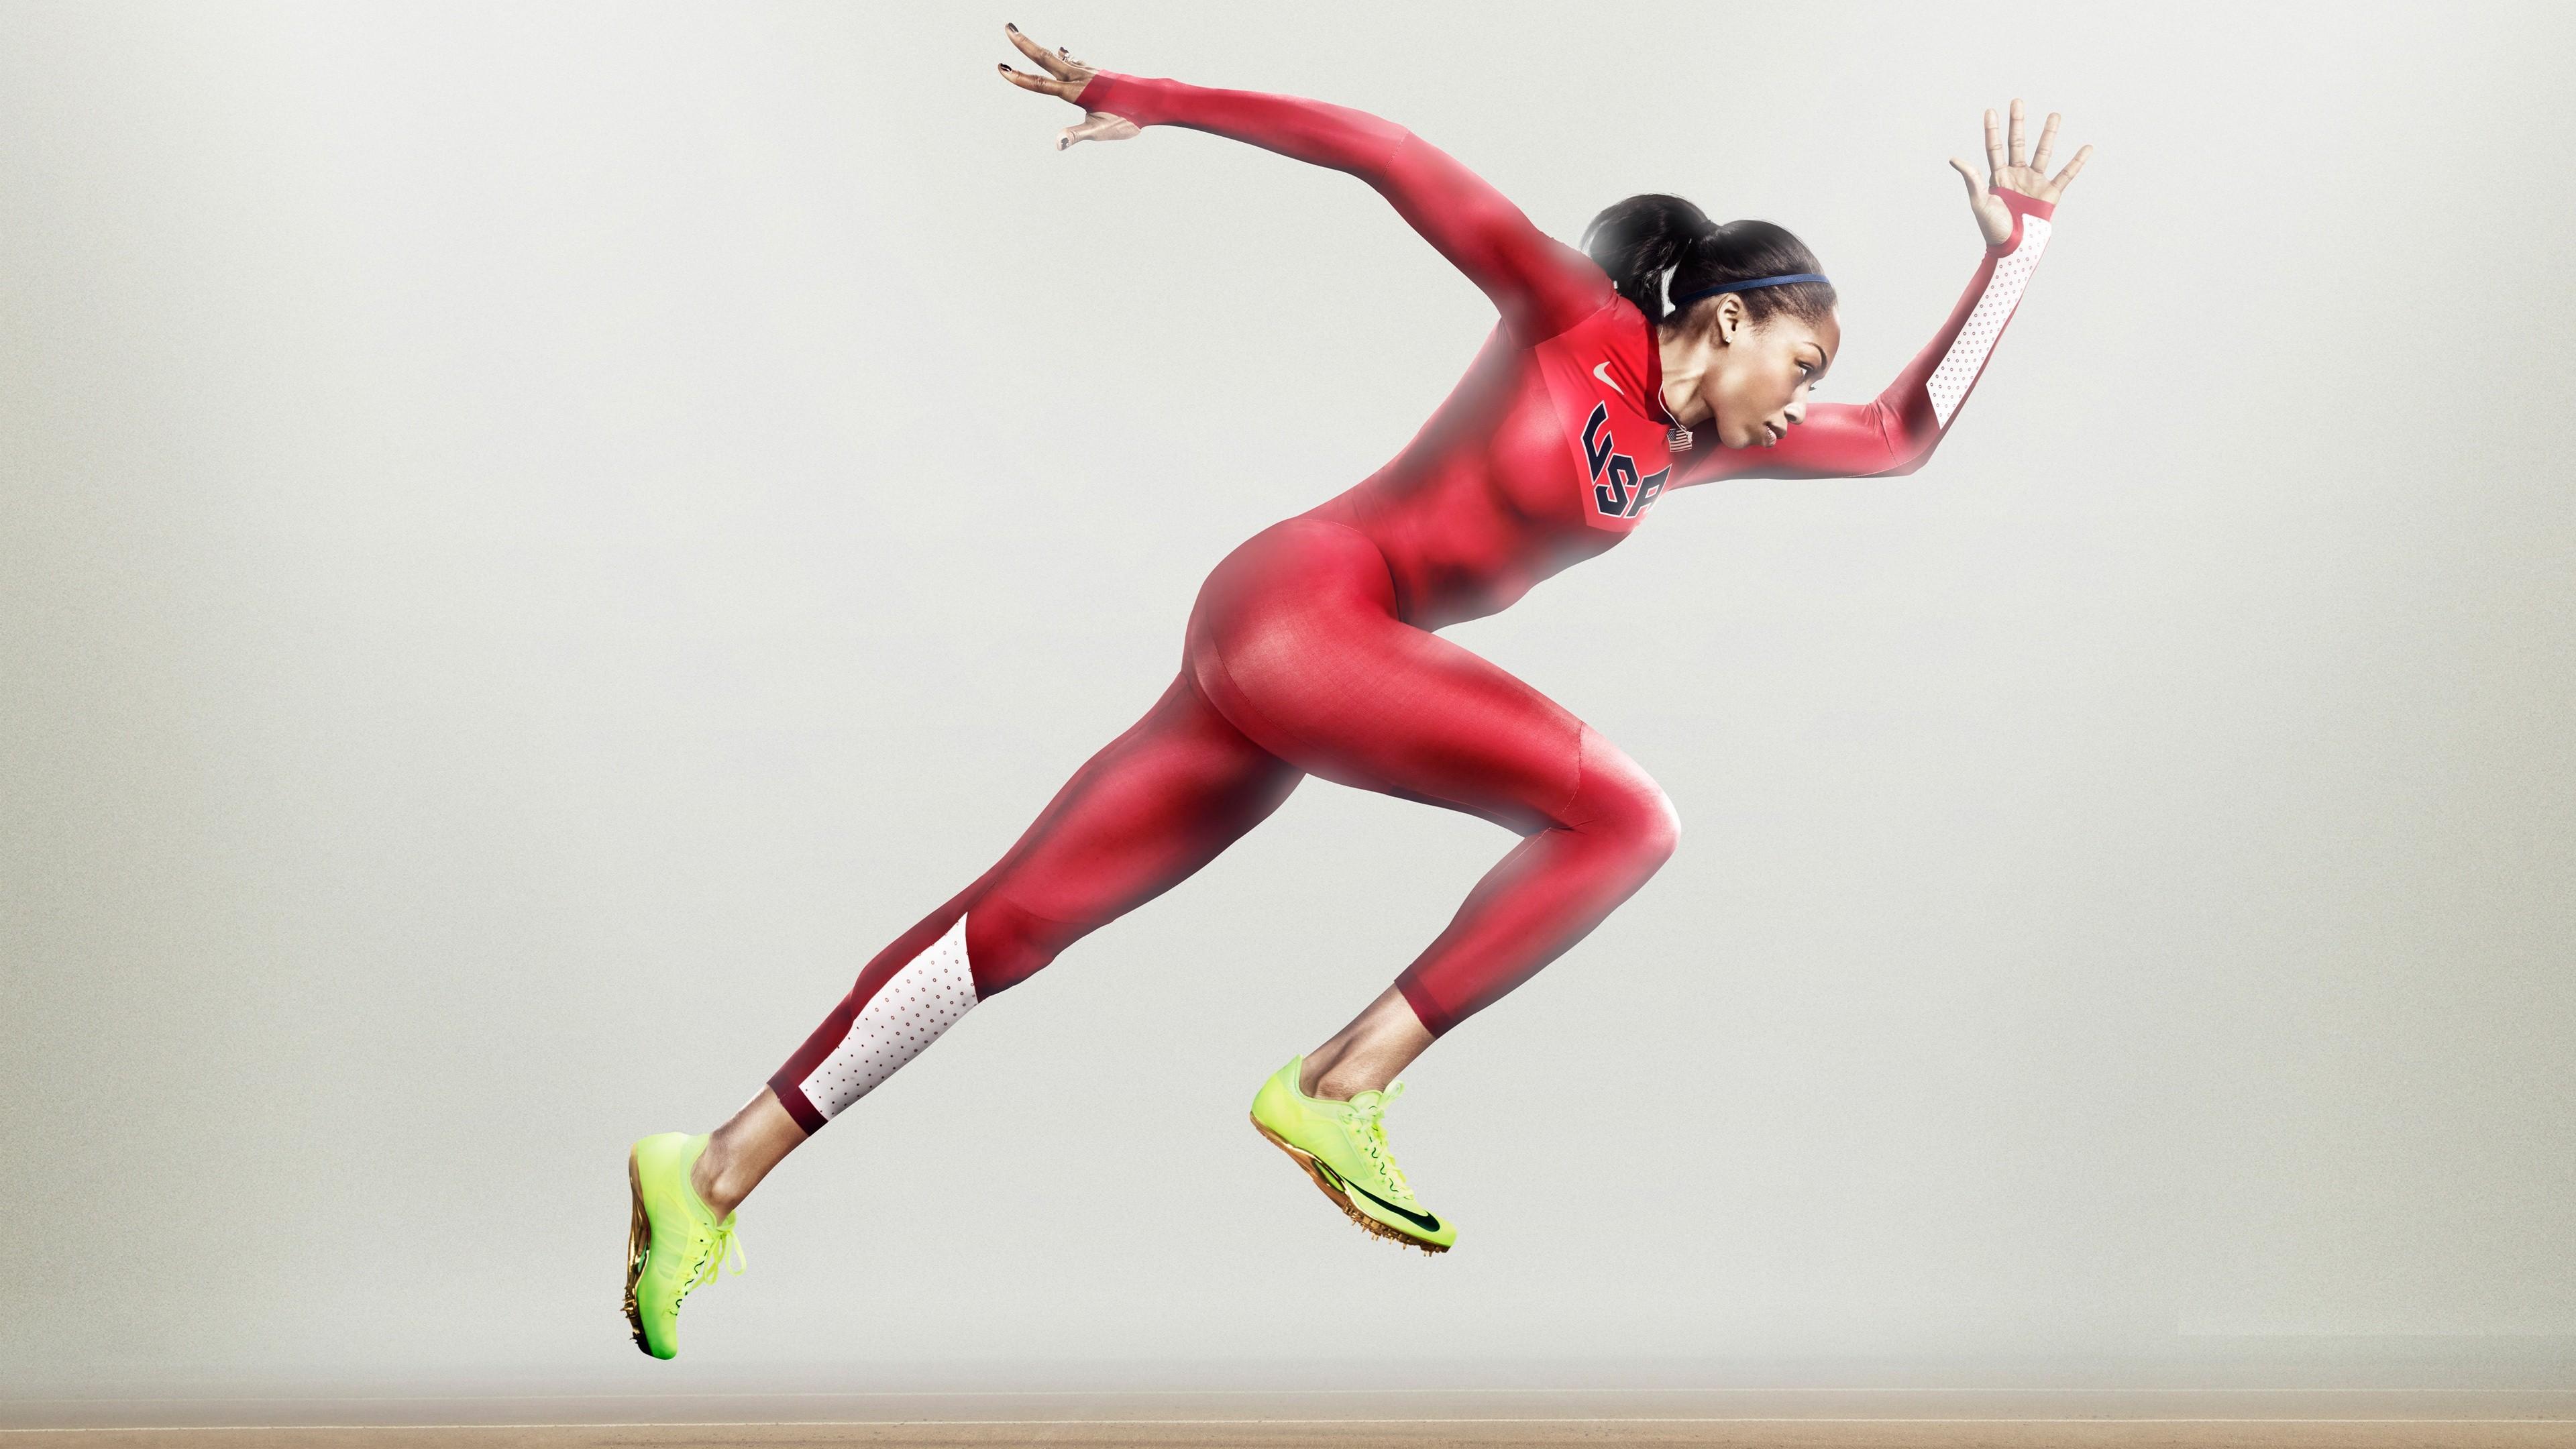 обои элиссон феликс найк бег атлет женщина красный